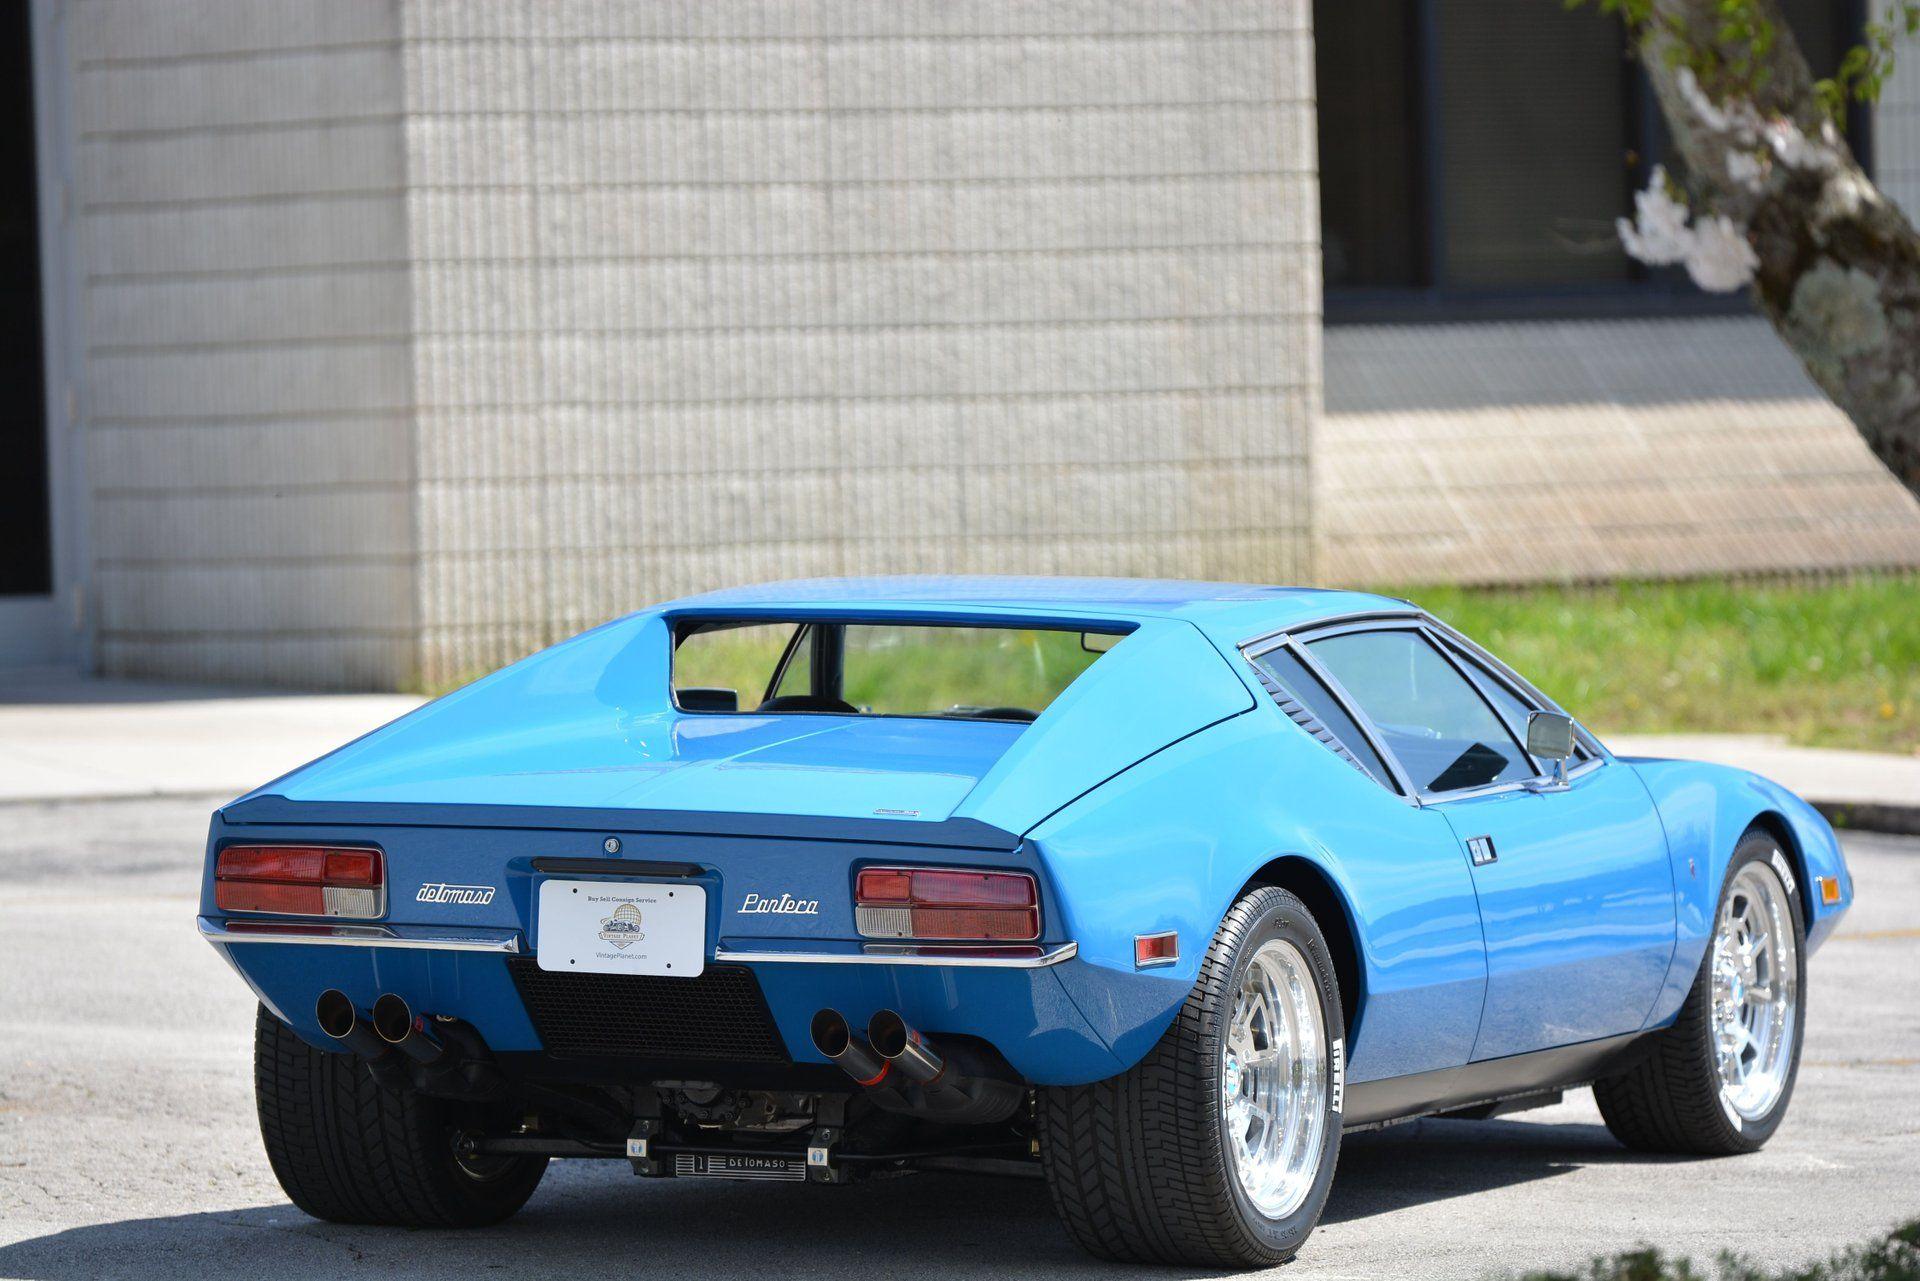 Scoop This Low-Mileage 1972 De Tomaso Pantera